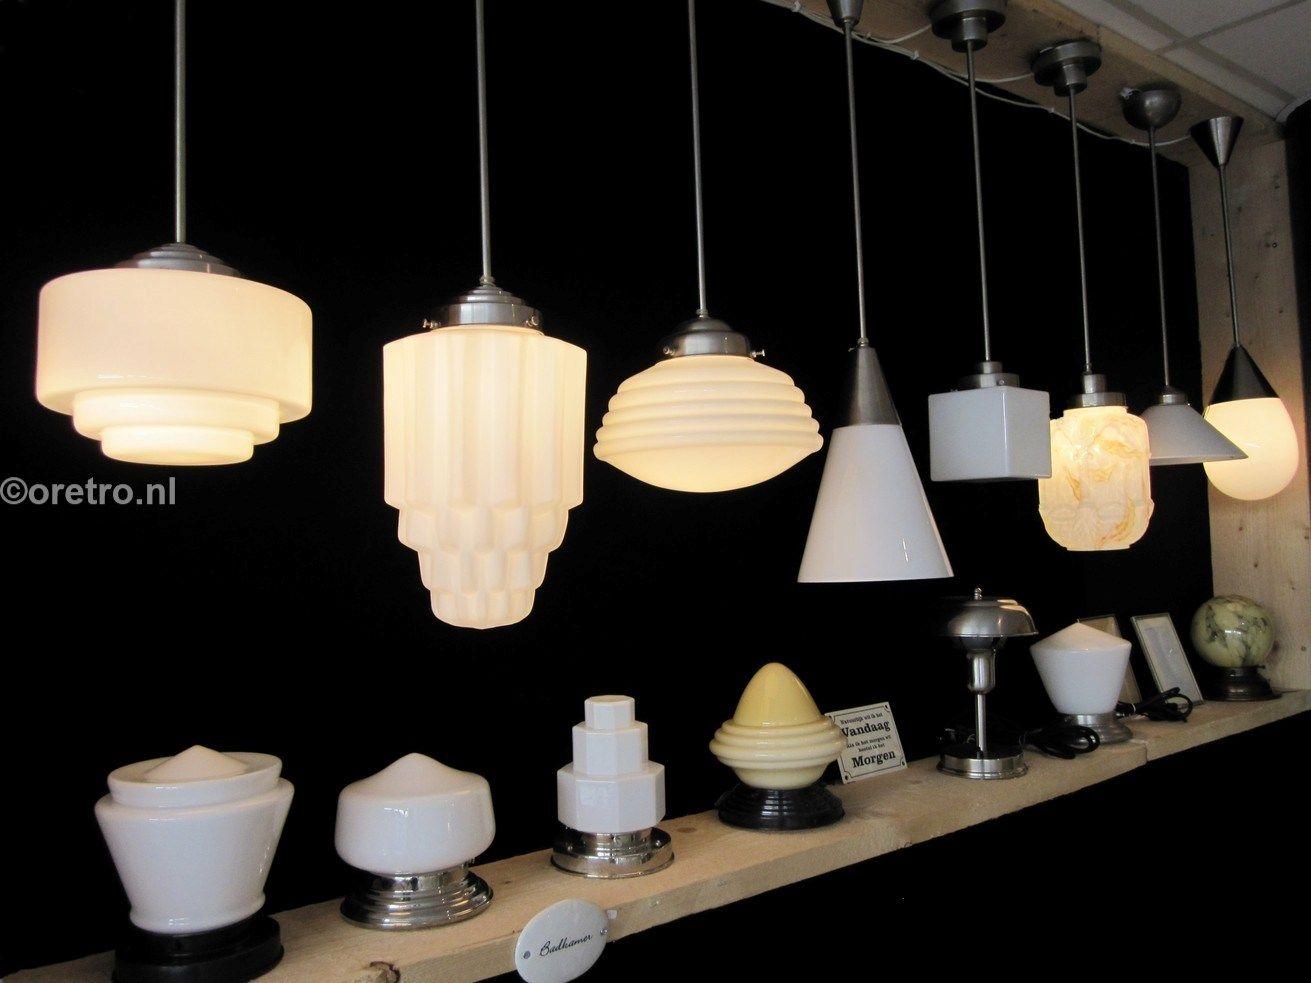 Art deco lampen jaren 20 30 gispenstijl www oretro nl